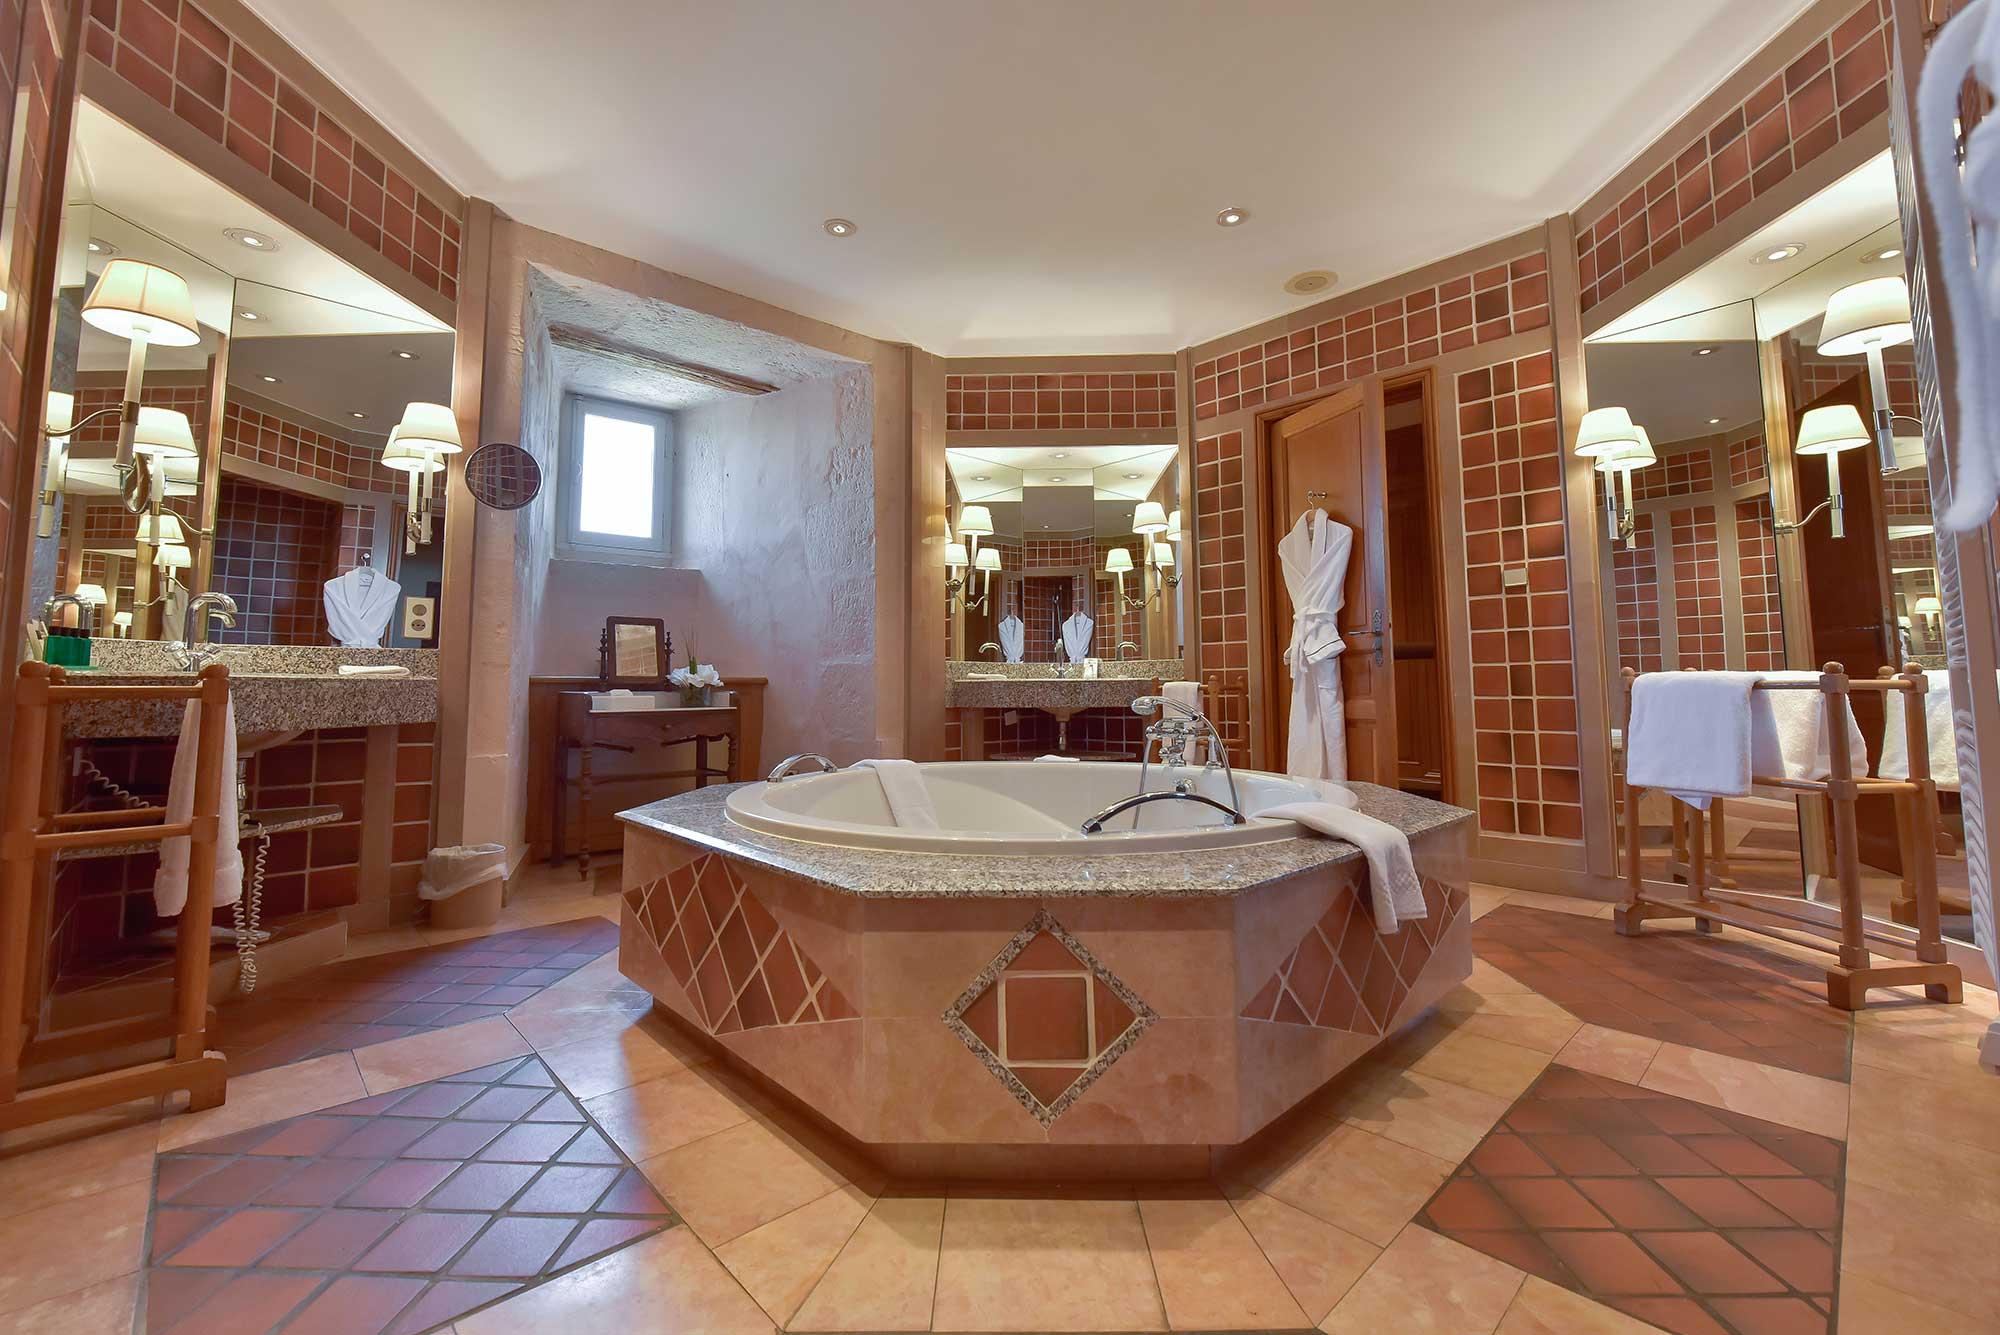 Découvrez 5 Hôtels Spa En Bourgogne - Les Collectionneurs avec Piscine Chatillon Sur Seine